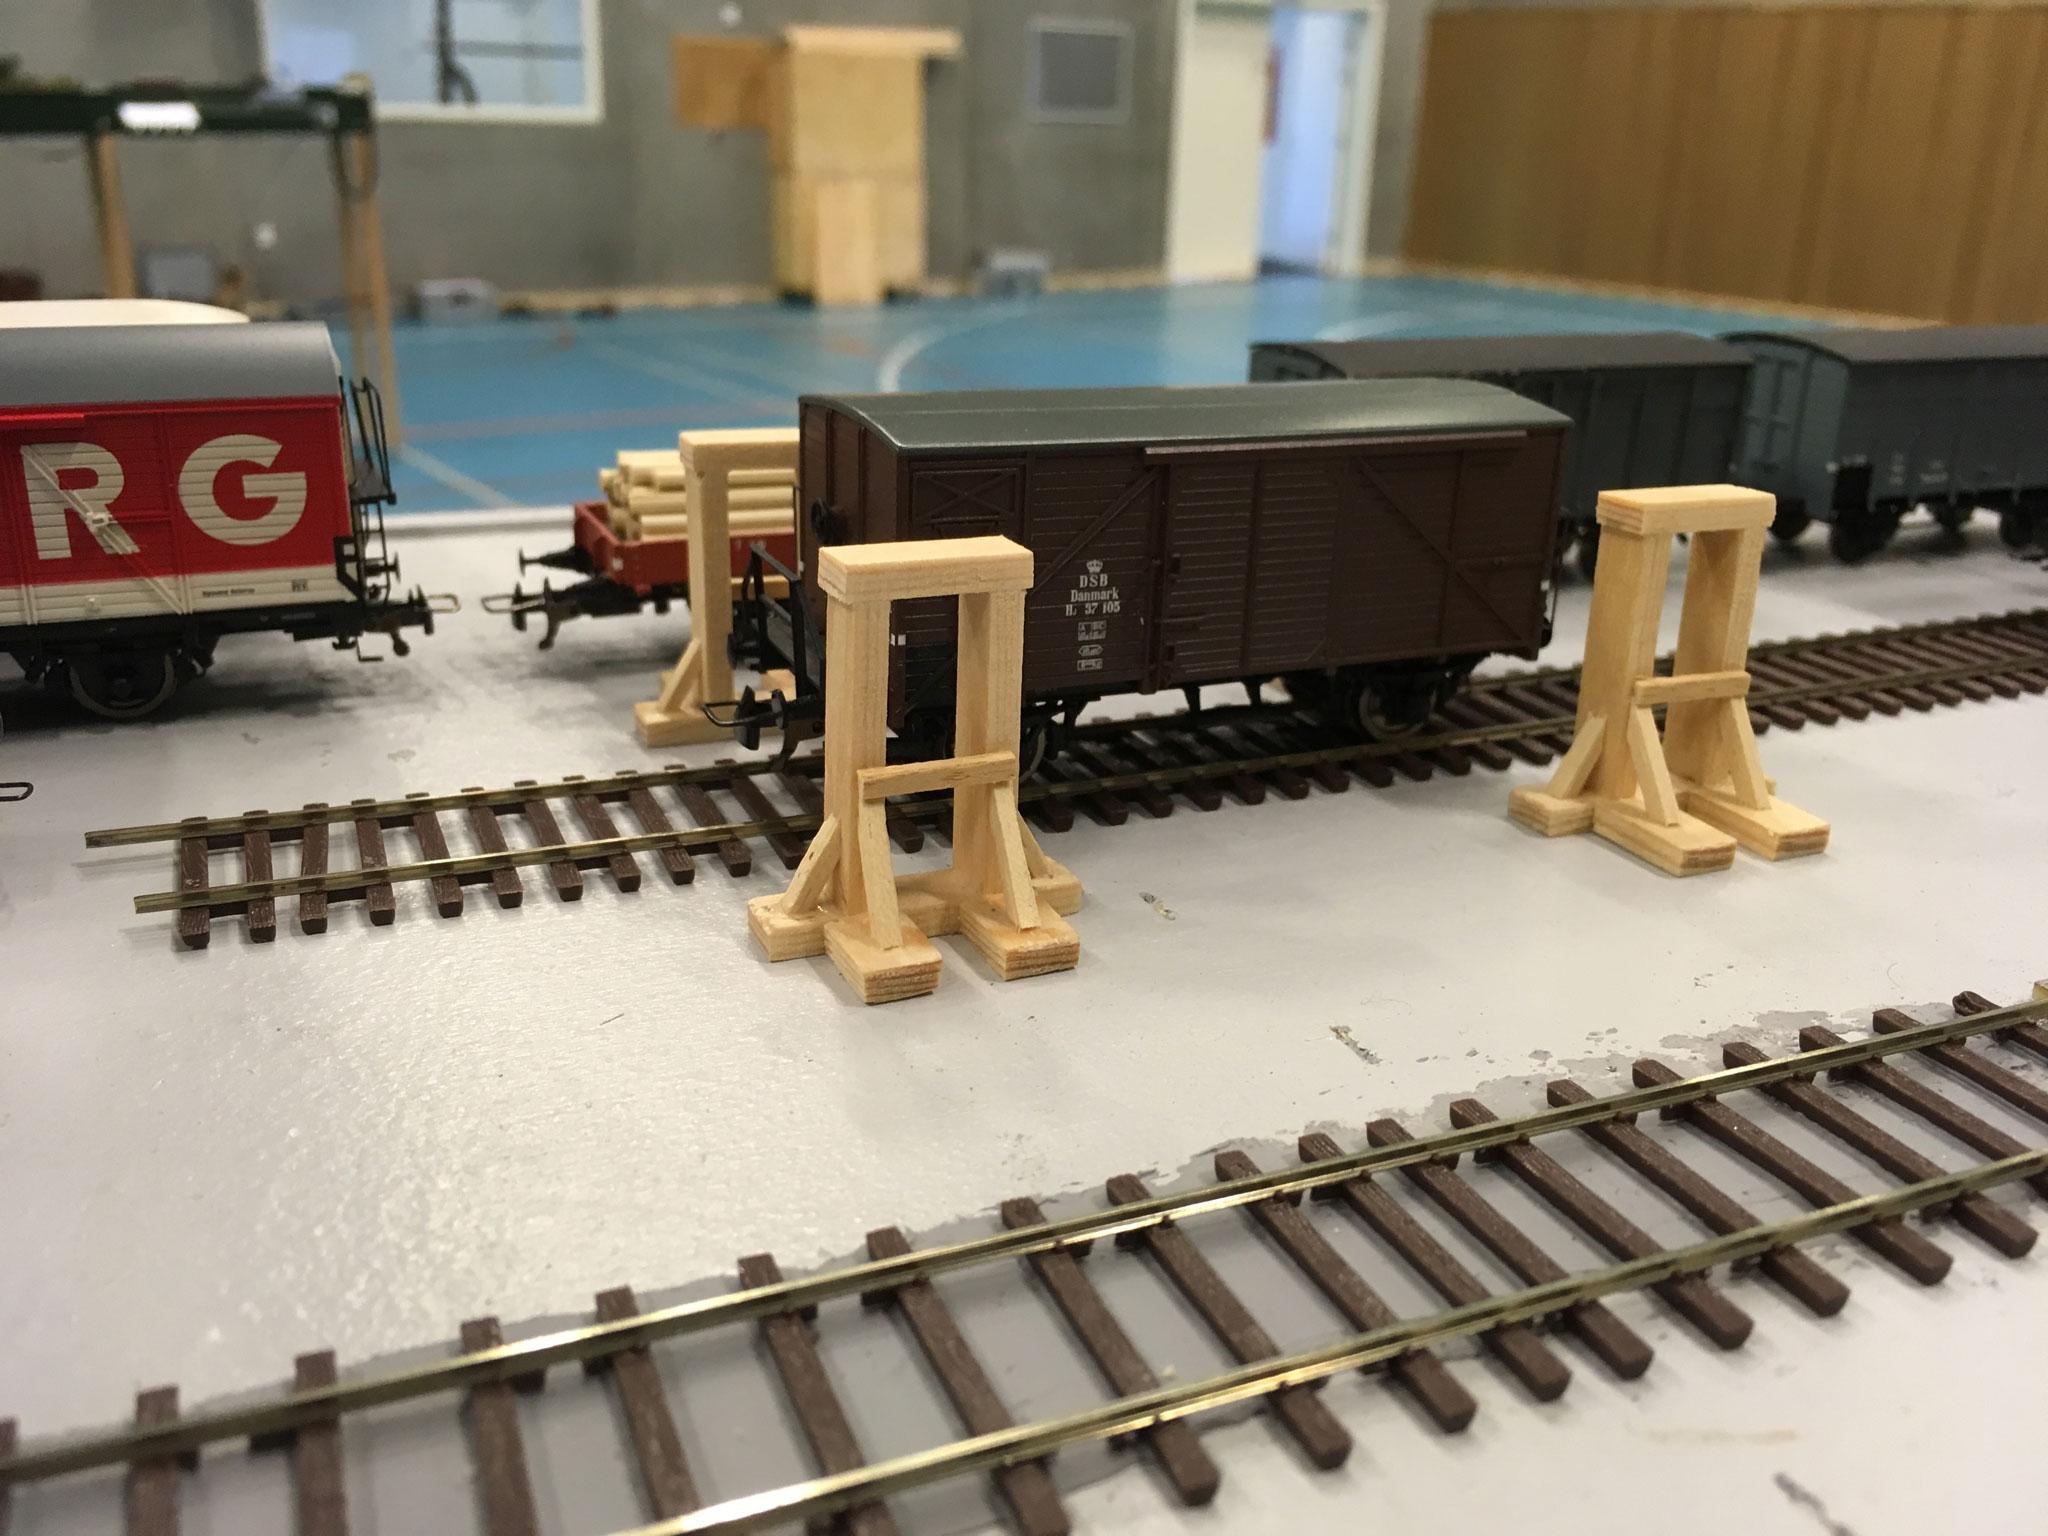 Donkrafte på Ole Pedersens depotmoduler.  Forbilledet var konstrueret i træ, og modellen er lavet i korrekte dimensioner.  Senere vil der blive monteret gear og tandstænger, og træet vil blive patineret.